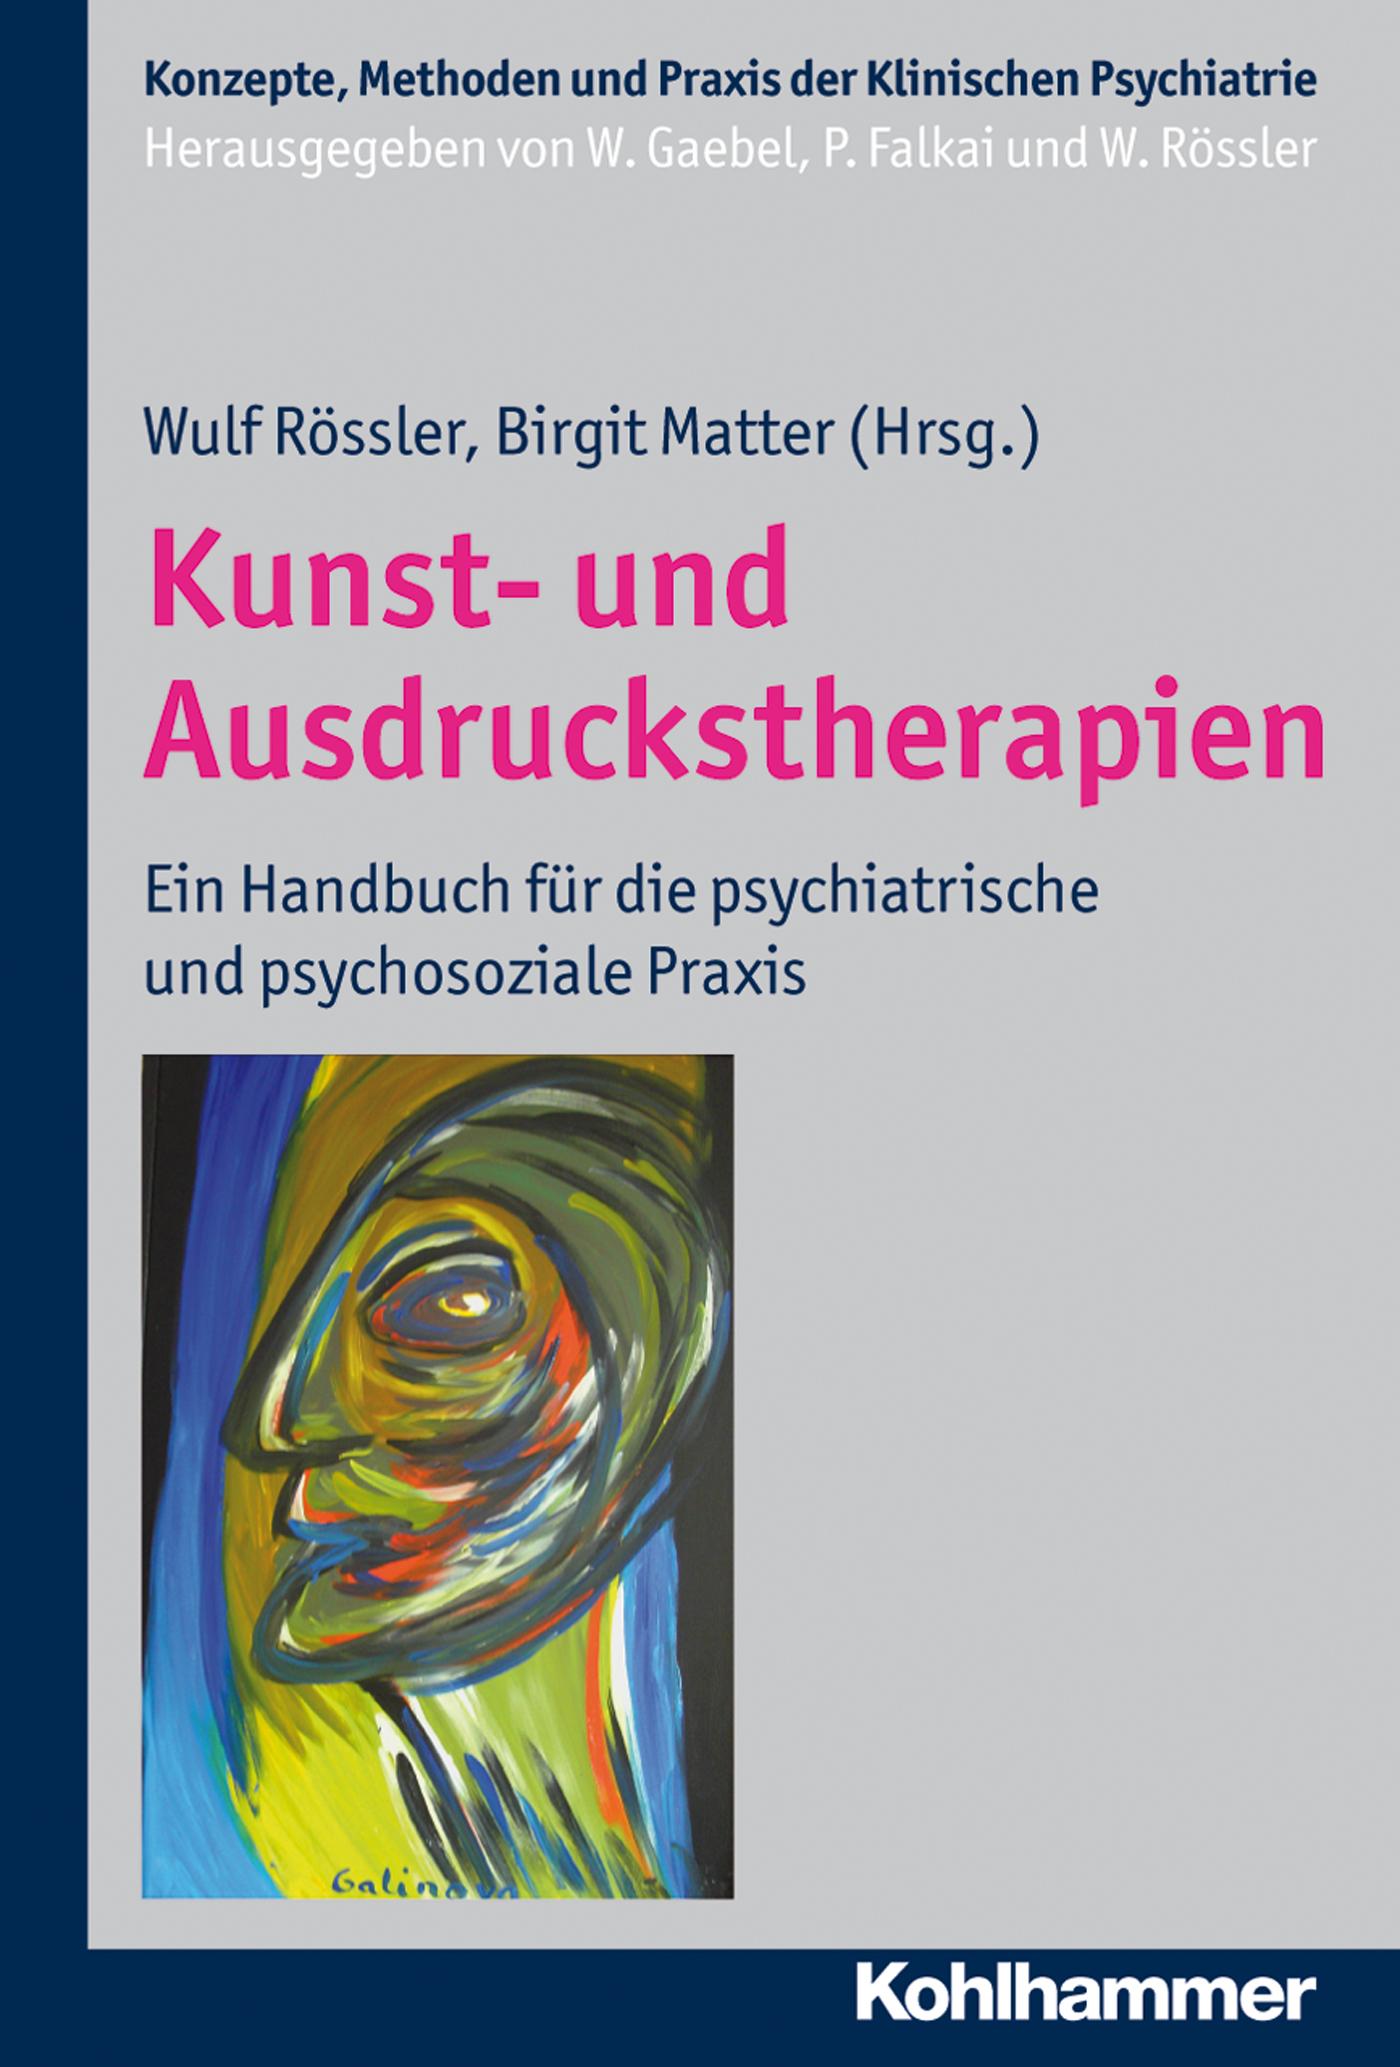 цена Отсутствует Kunst- und Ausdruckstherapien